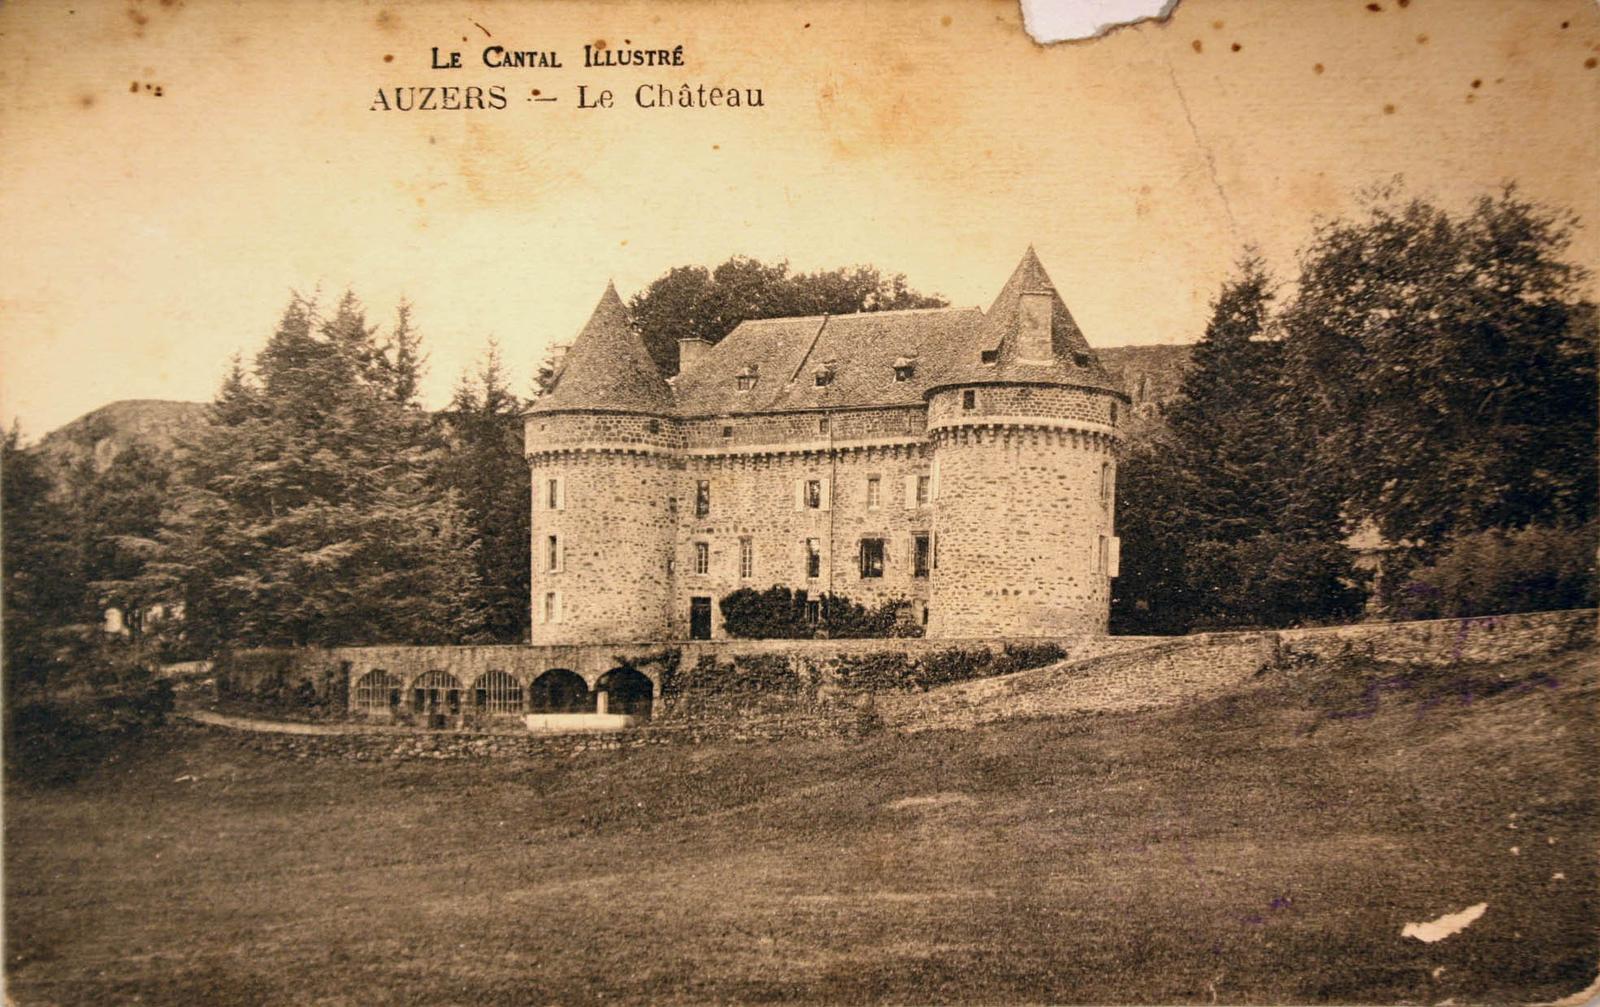 Auzers - AUZERS - Le Château